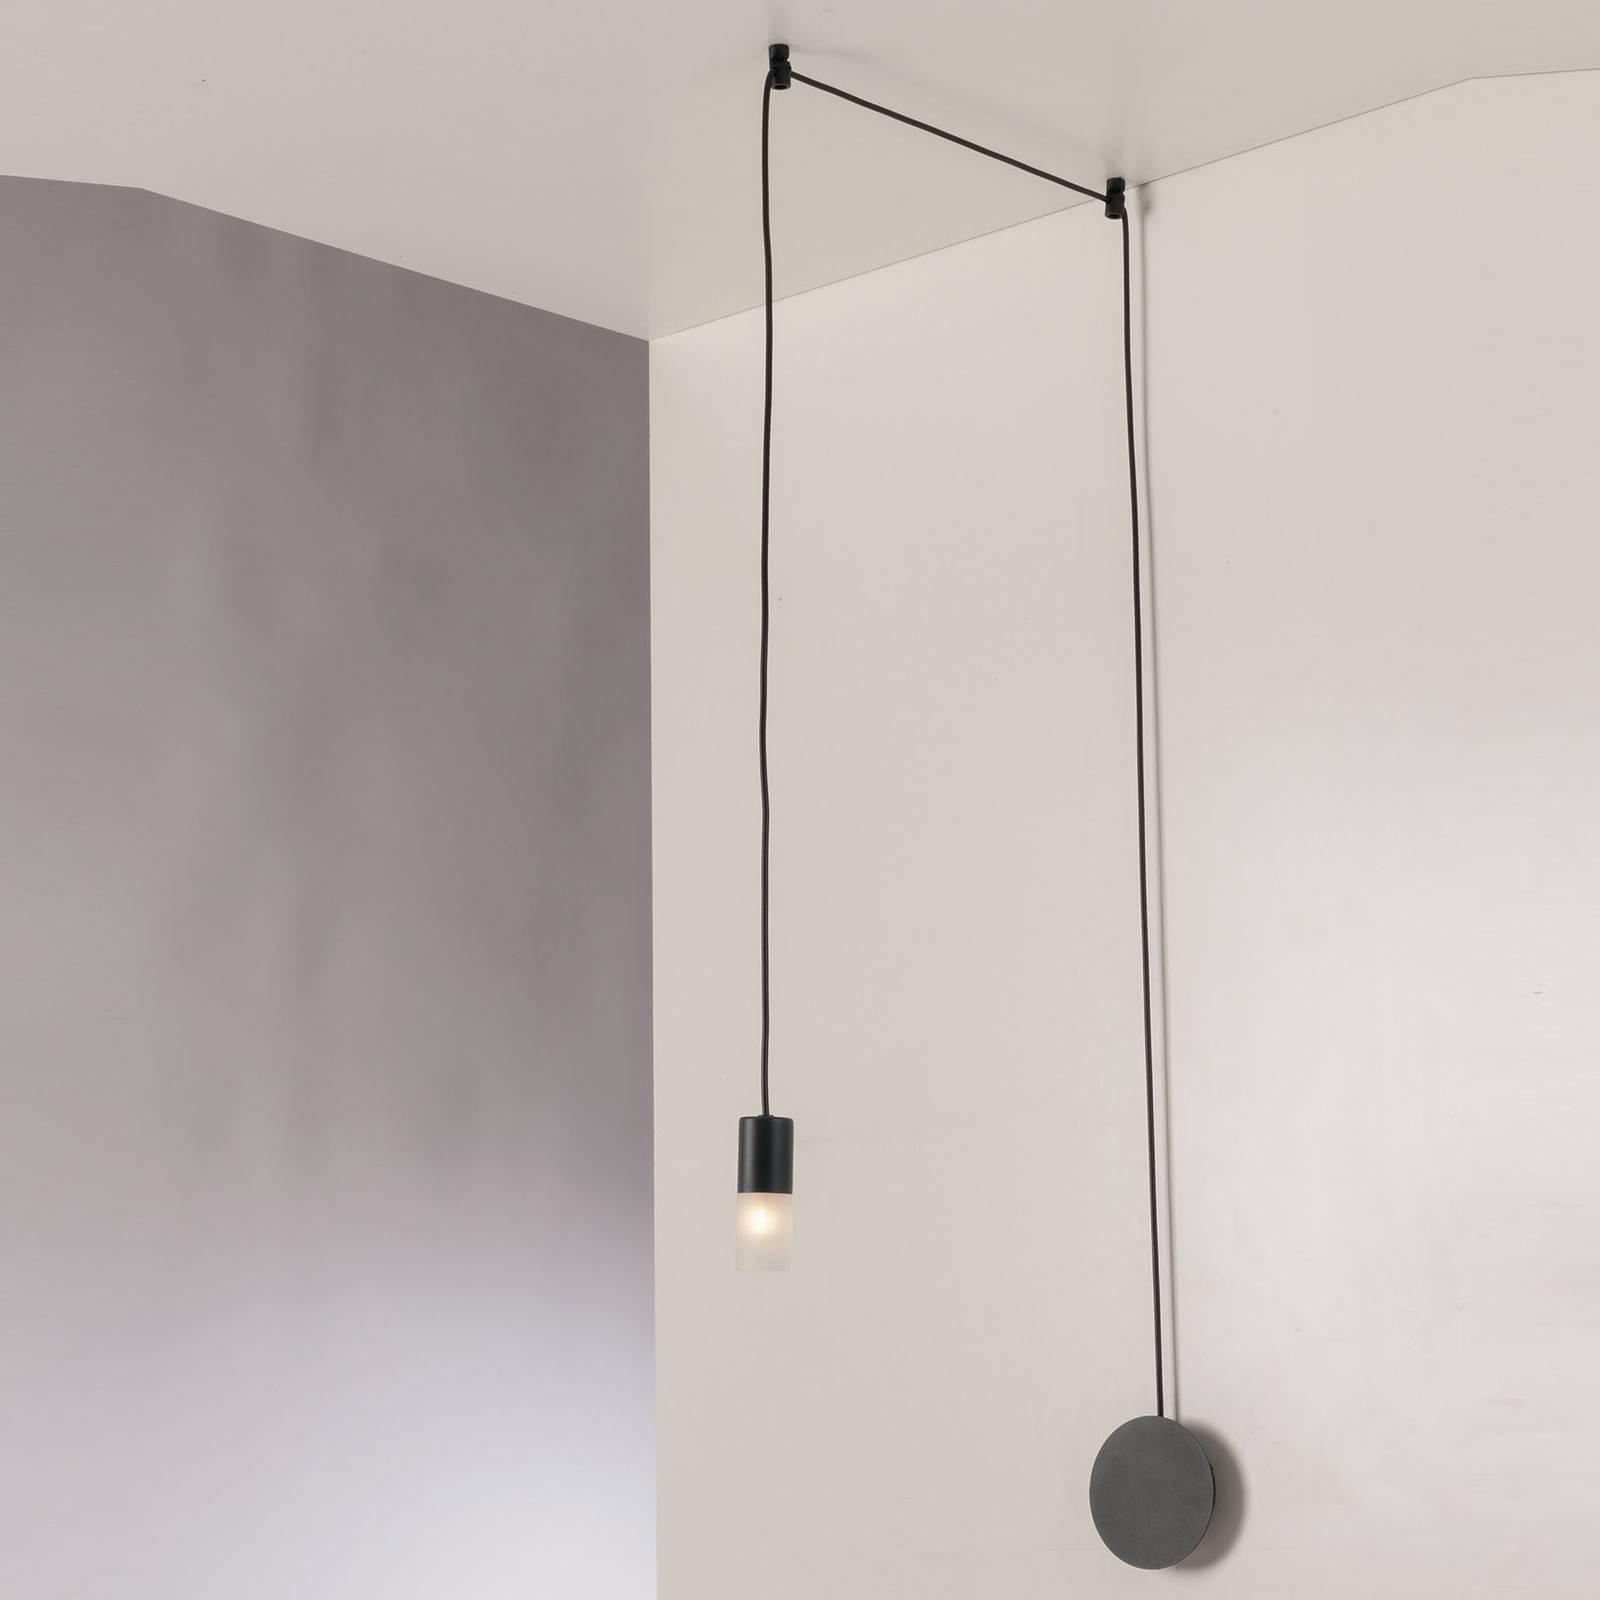 Hanglamp Spider decentraal 1-lamp, antraciet